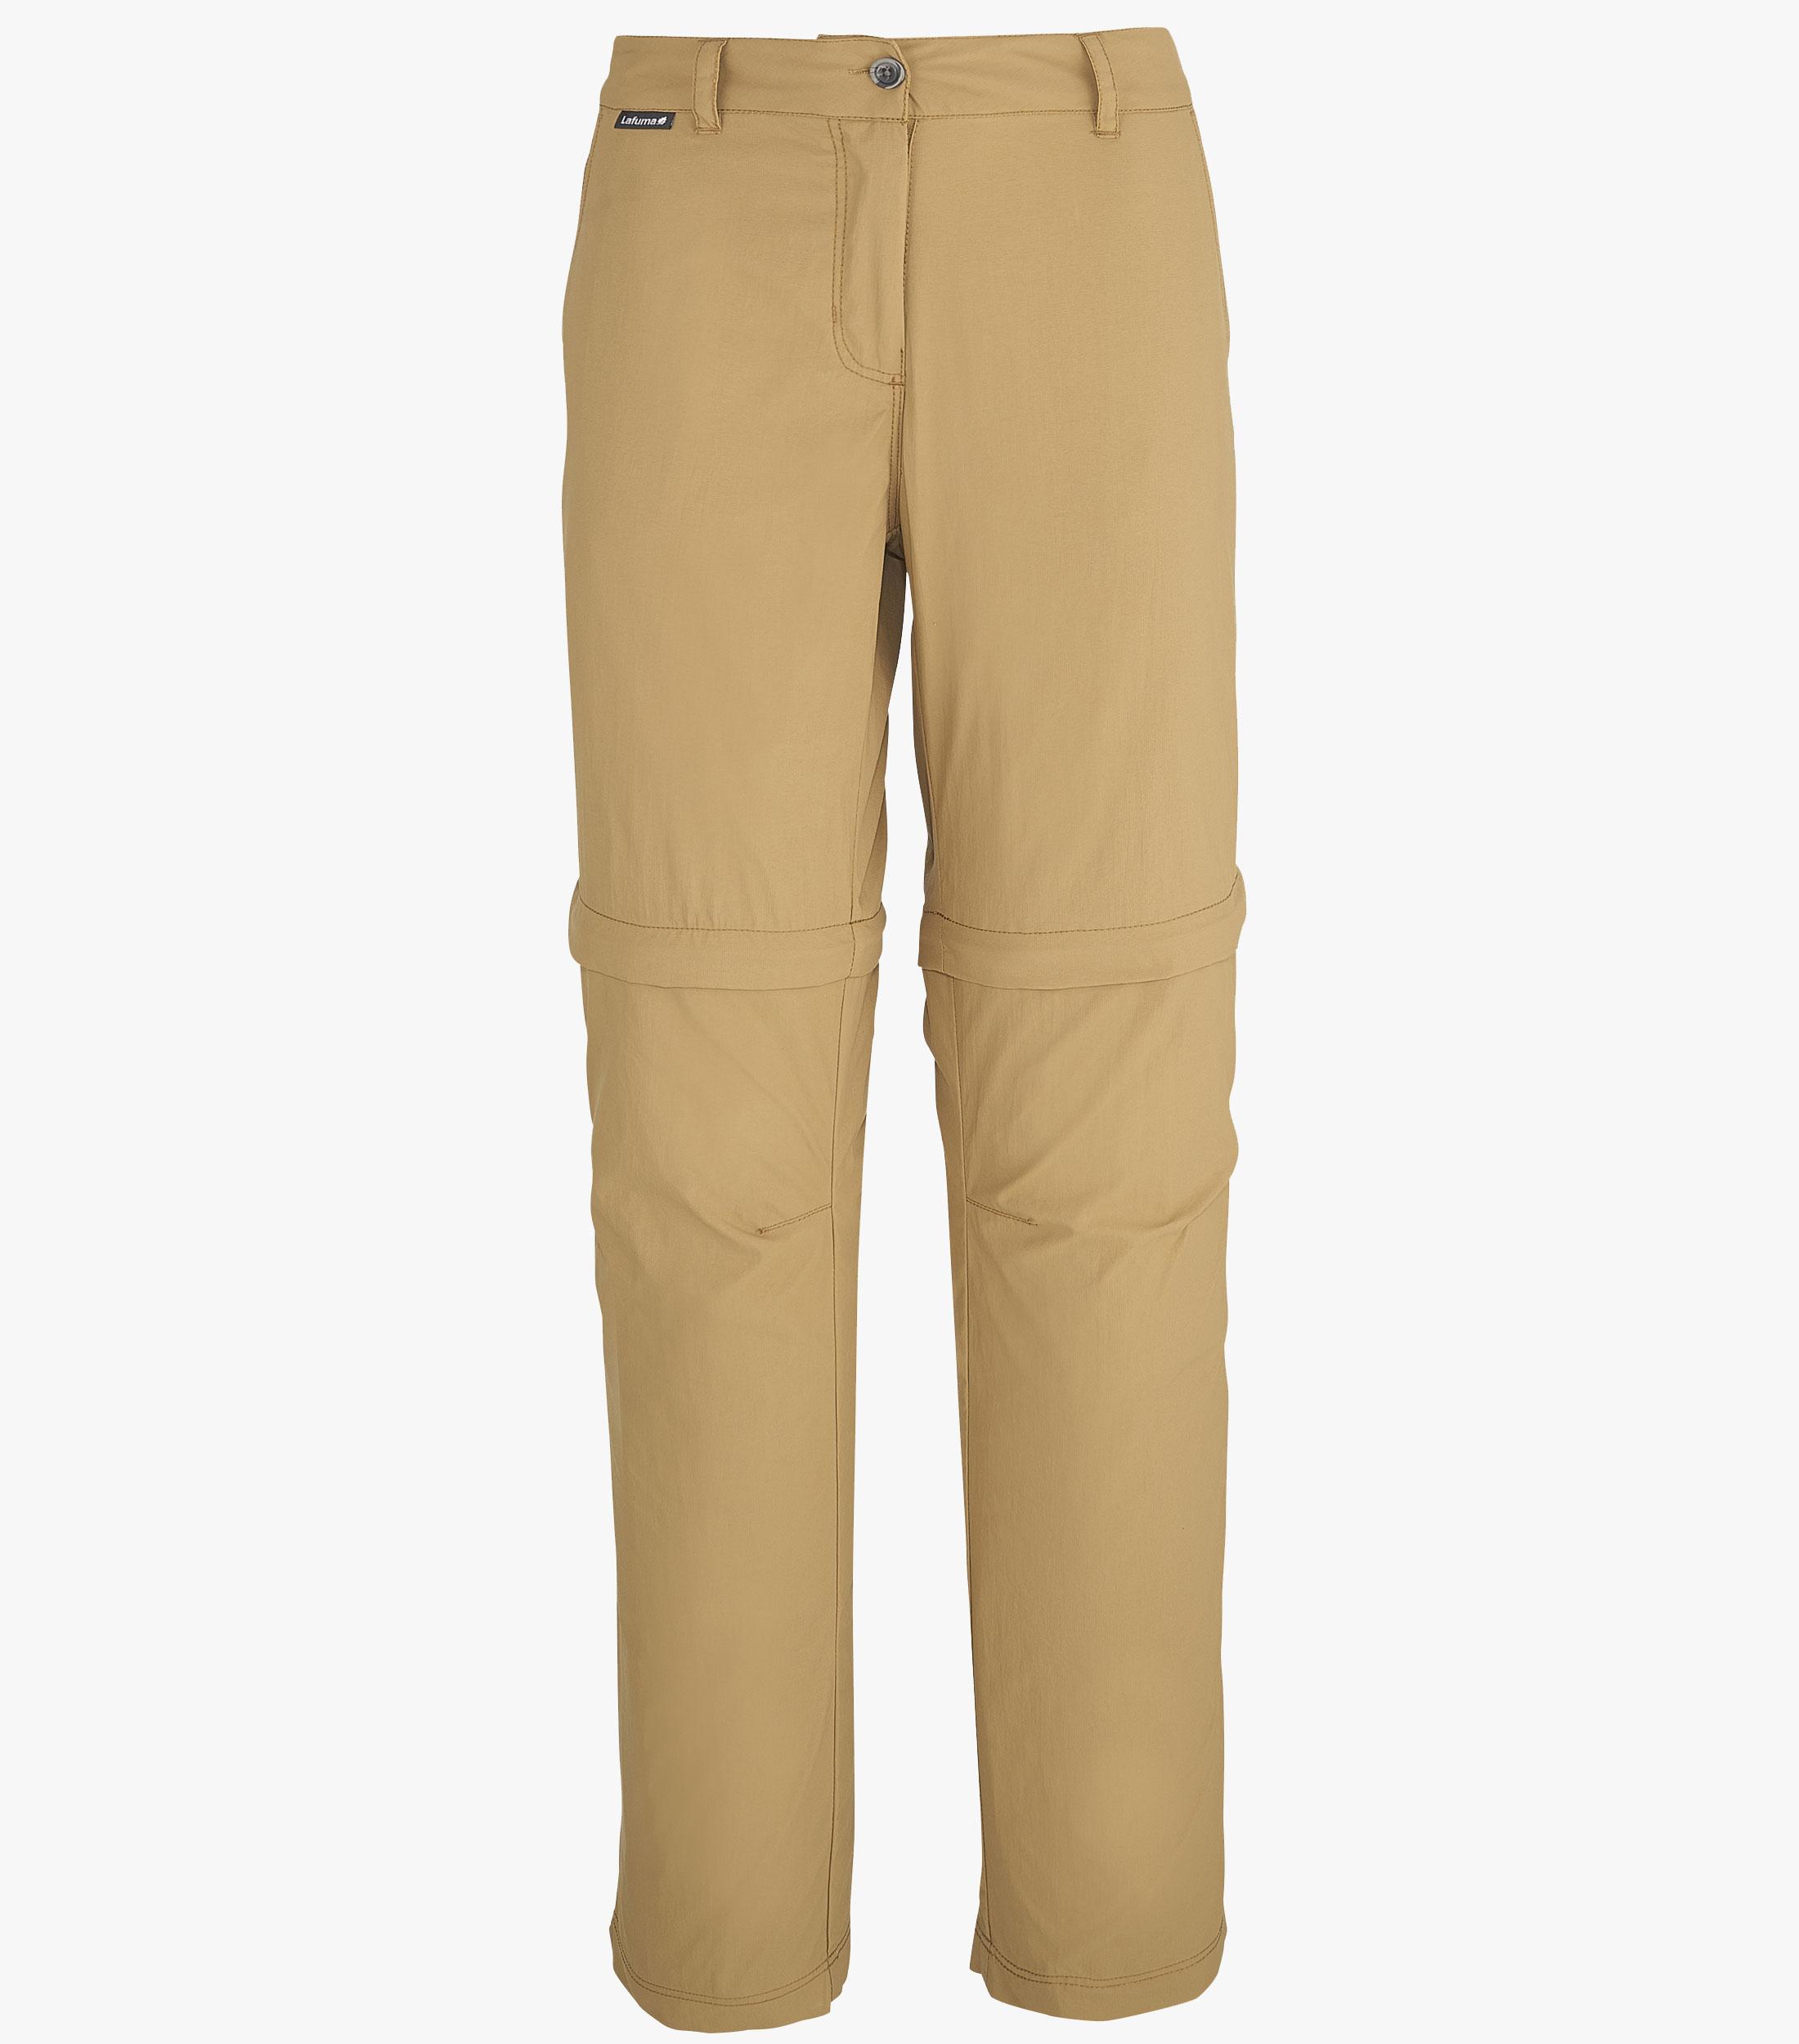 Женские брюки для активного отдыха Lafuma LD ACCESS PANTS ANTIQUE BRONZE, Брюки - арт. 888830151